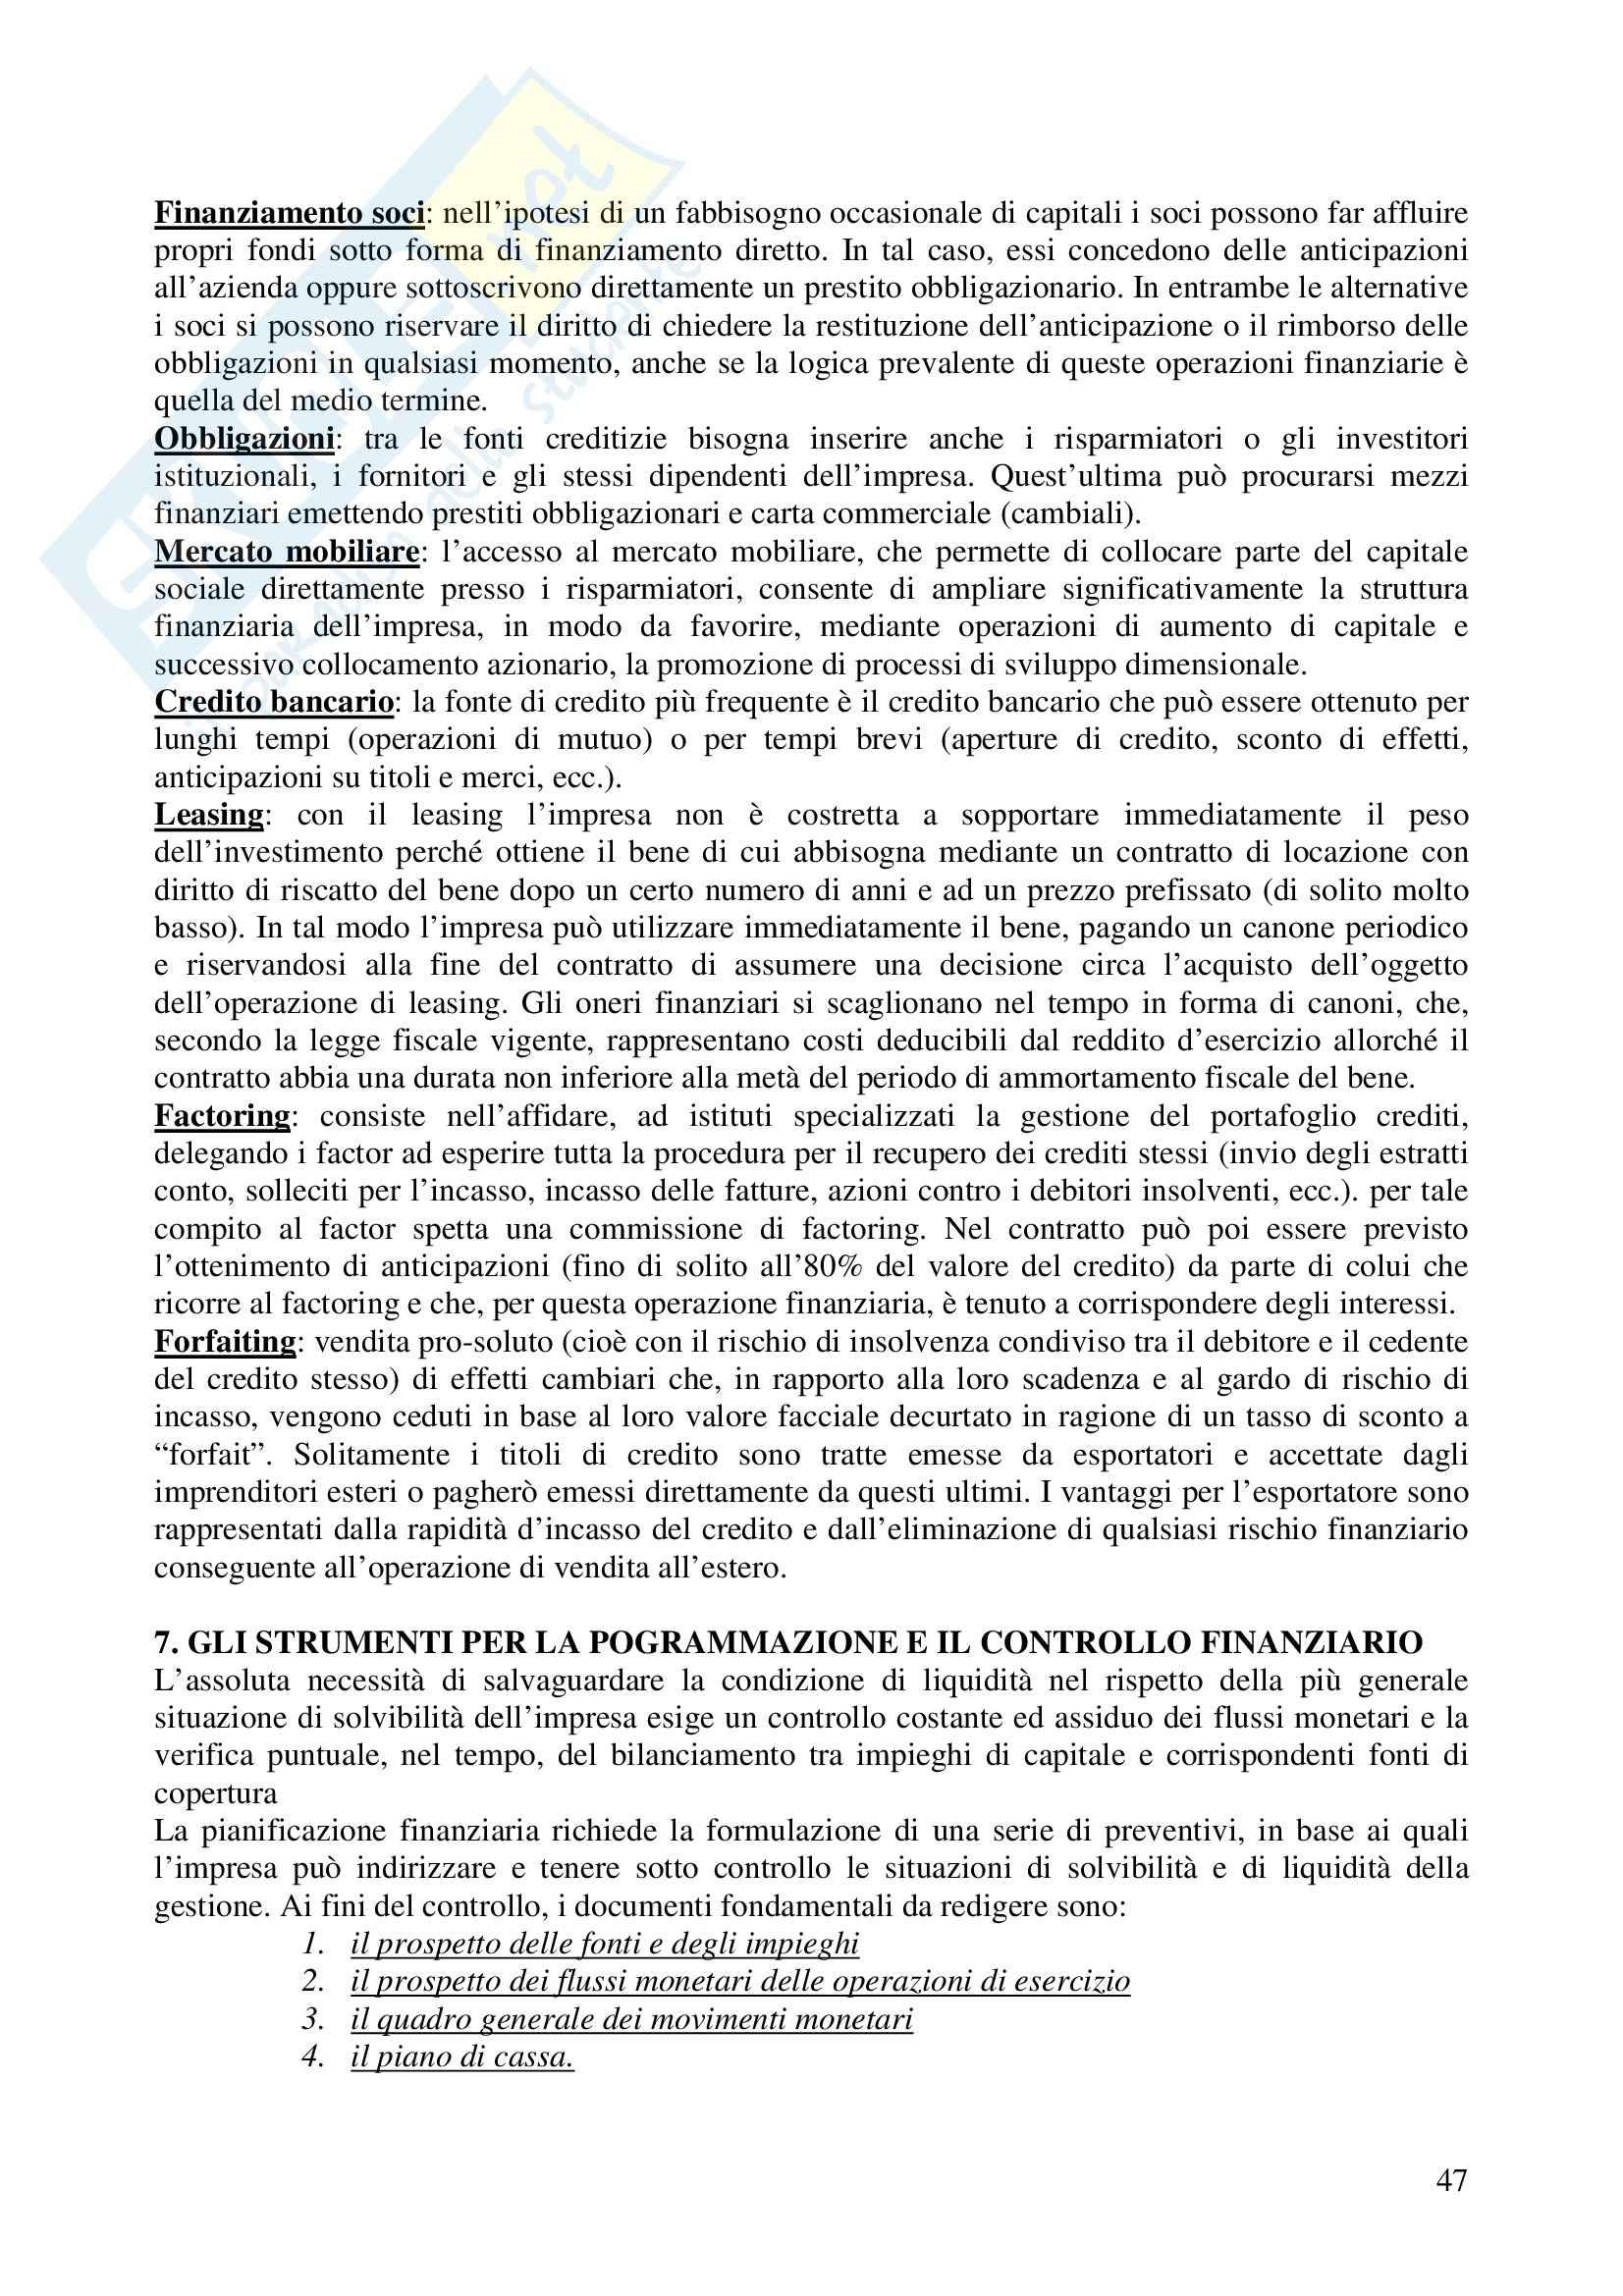 Riassunto esame Economia e gestione delle imprese, prof. Calza, libro consigliato Fondamenti di economia e gestione delle imprese, Sciarelli Pag. 46